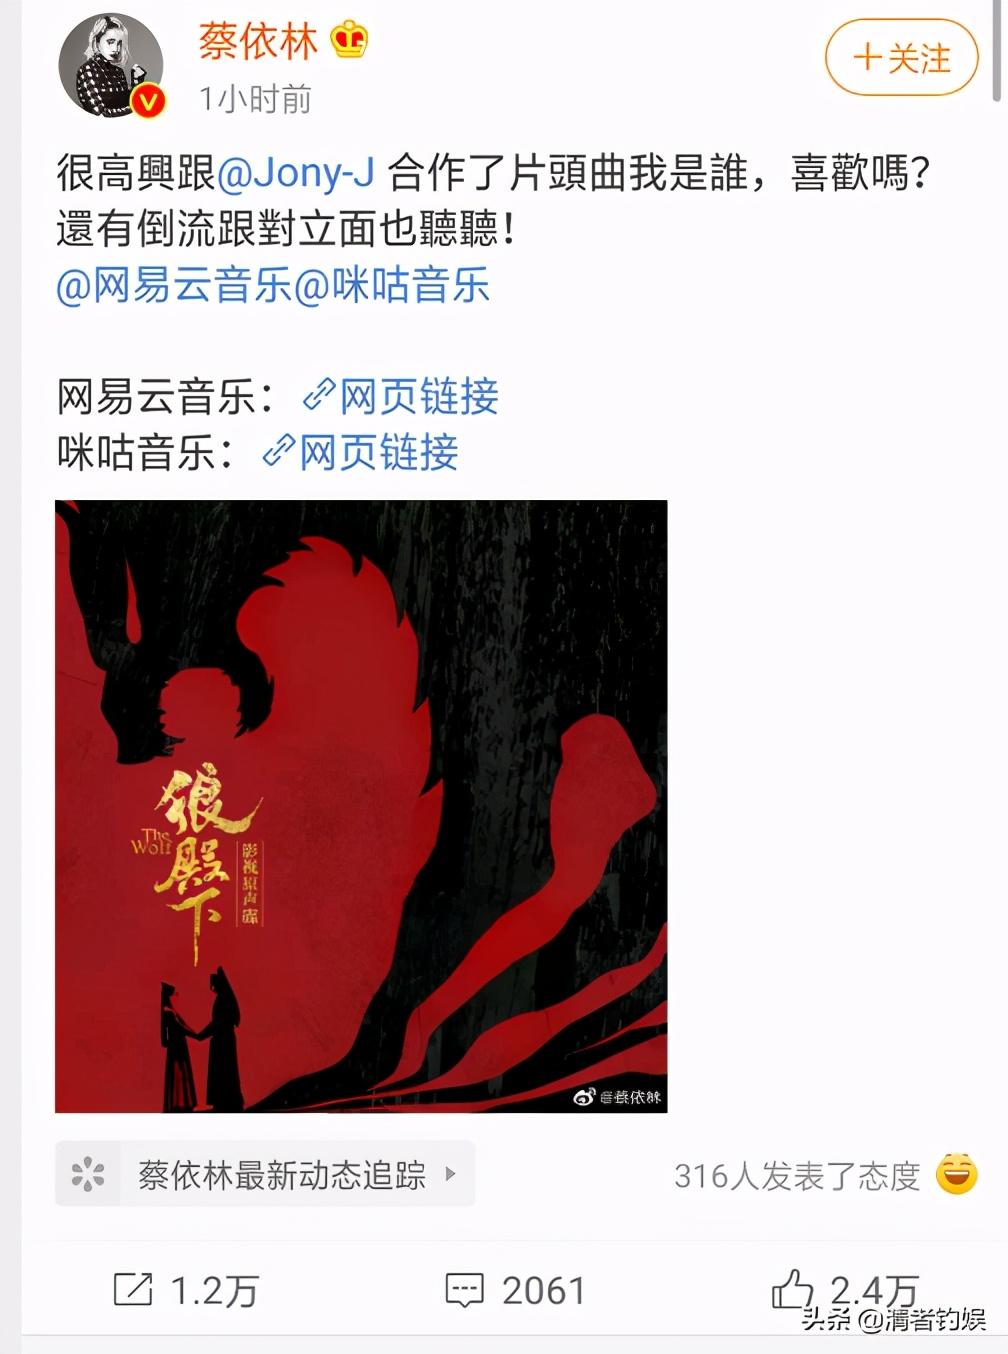 蔡依林JonyJ合作曲《我是谁》上线!蔡氏情歌让人耳朵怀孕